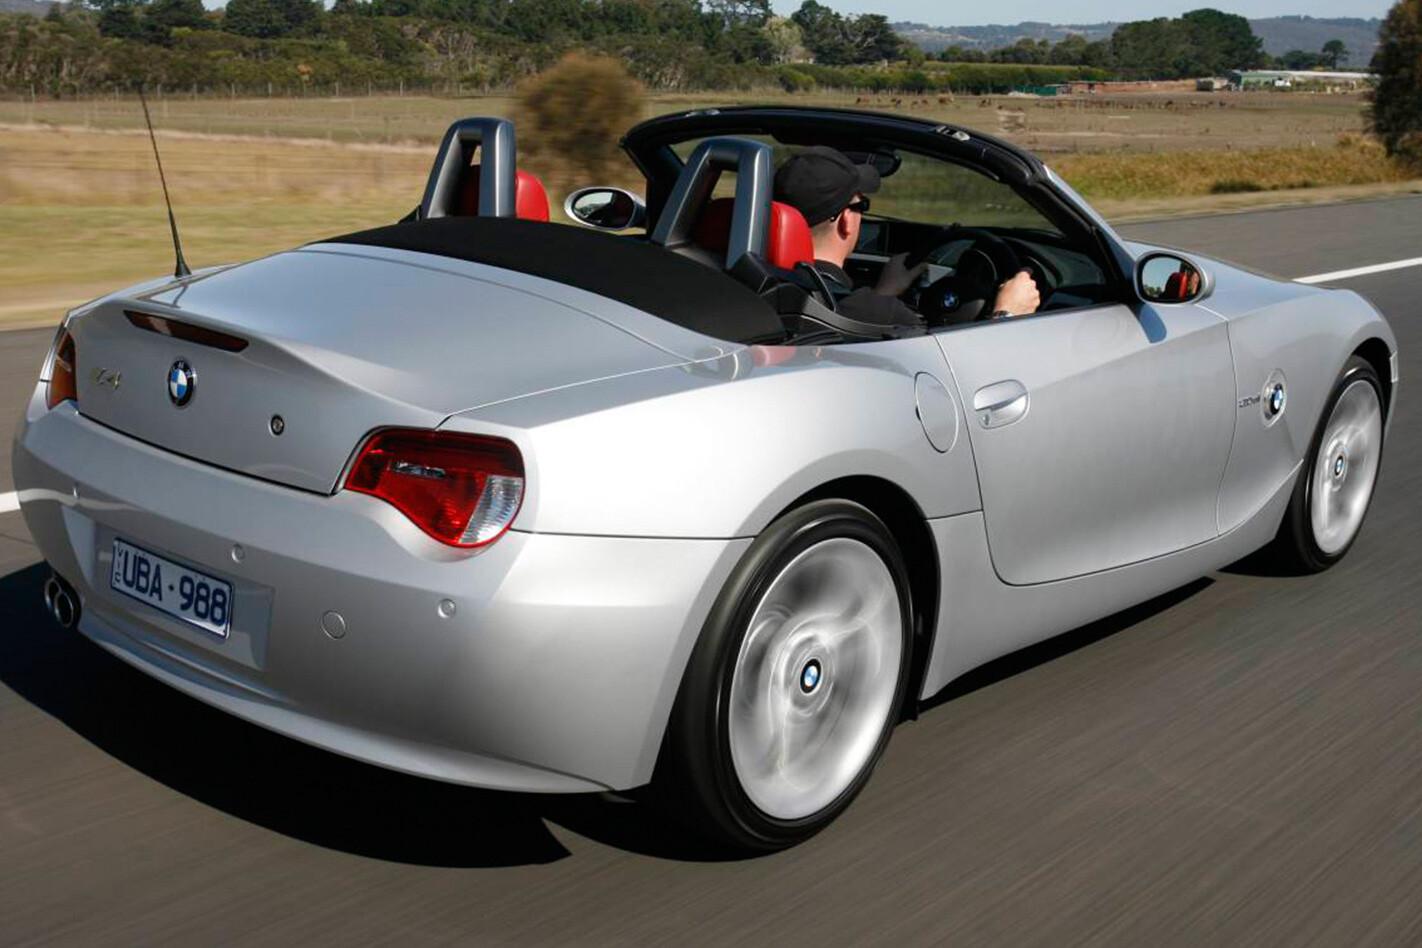 BMW Z4 3.0 rear